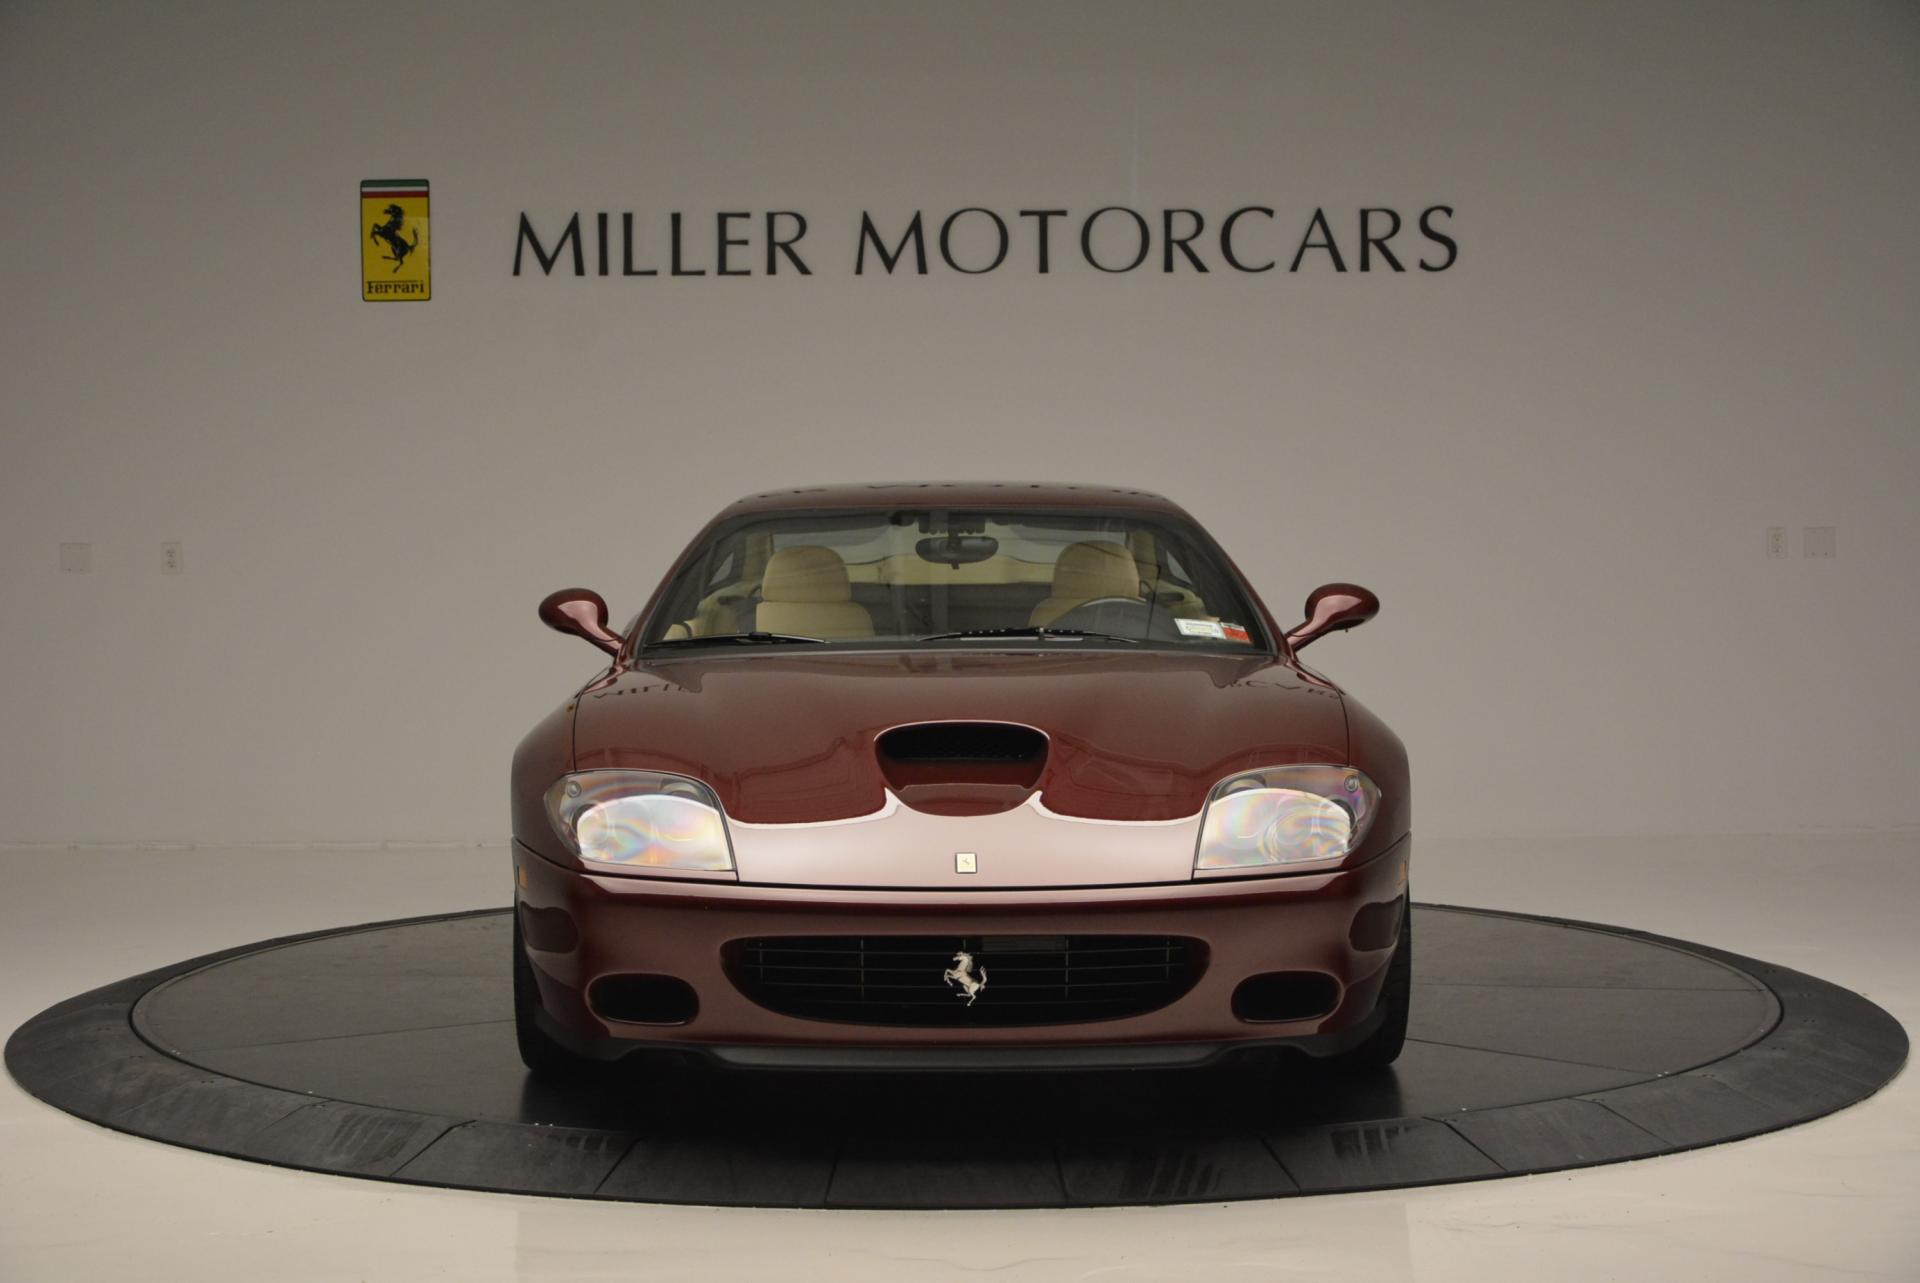 Used 2003 Ferrari 575M Maranello 6-Speed Manual For Sale In Greenwich, CT 143_p12